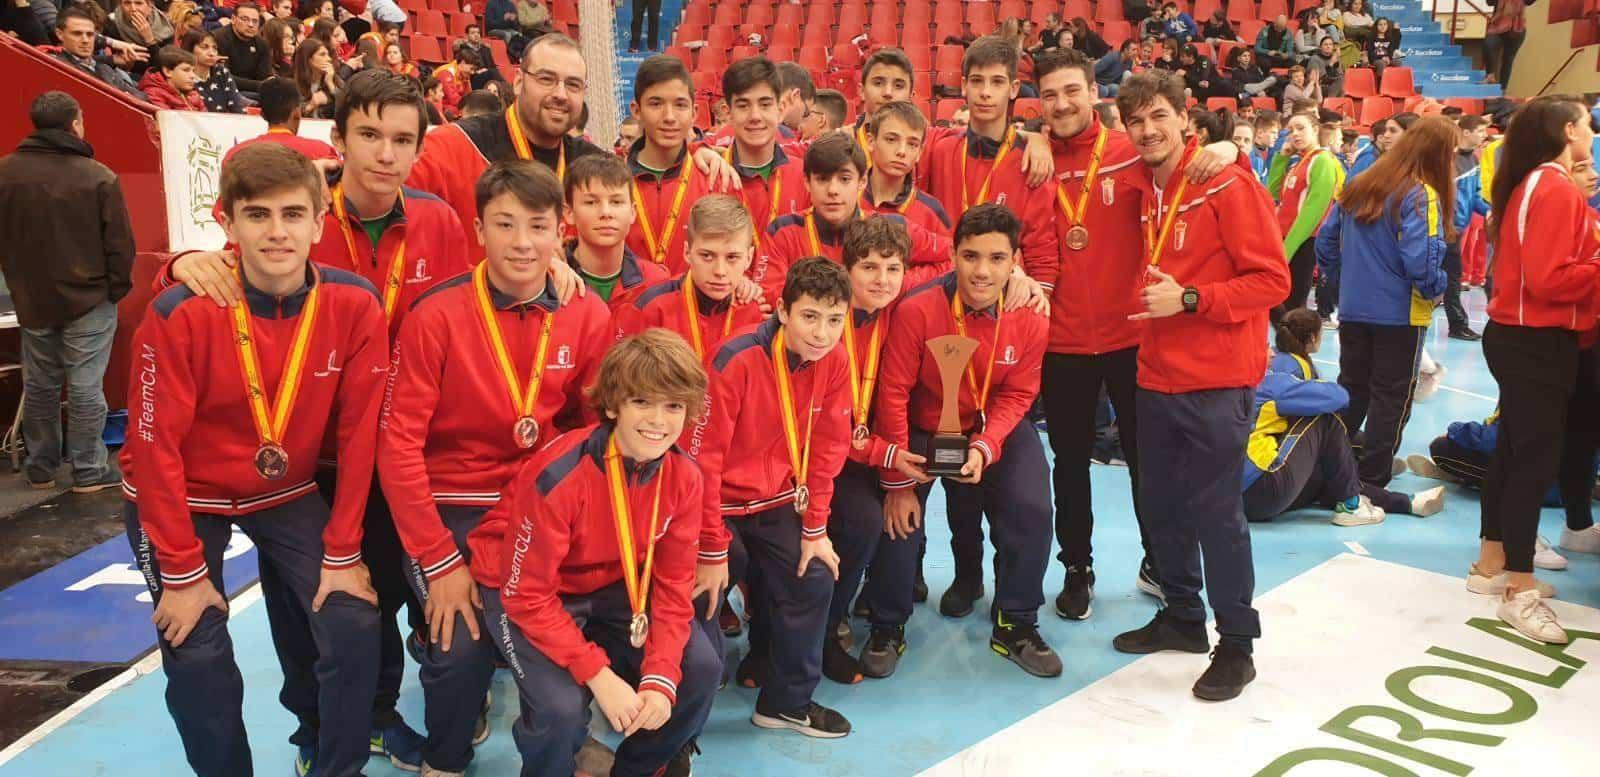 Enhorabuena a los herencianos por sus éxitos en la Copa de España de balonmano 2